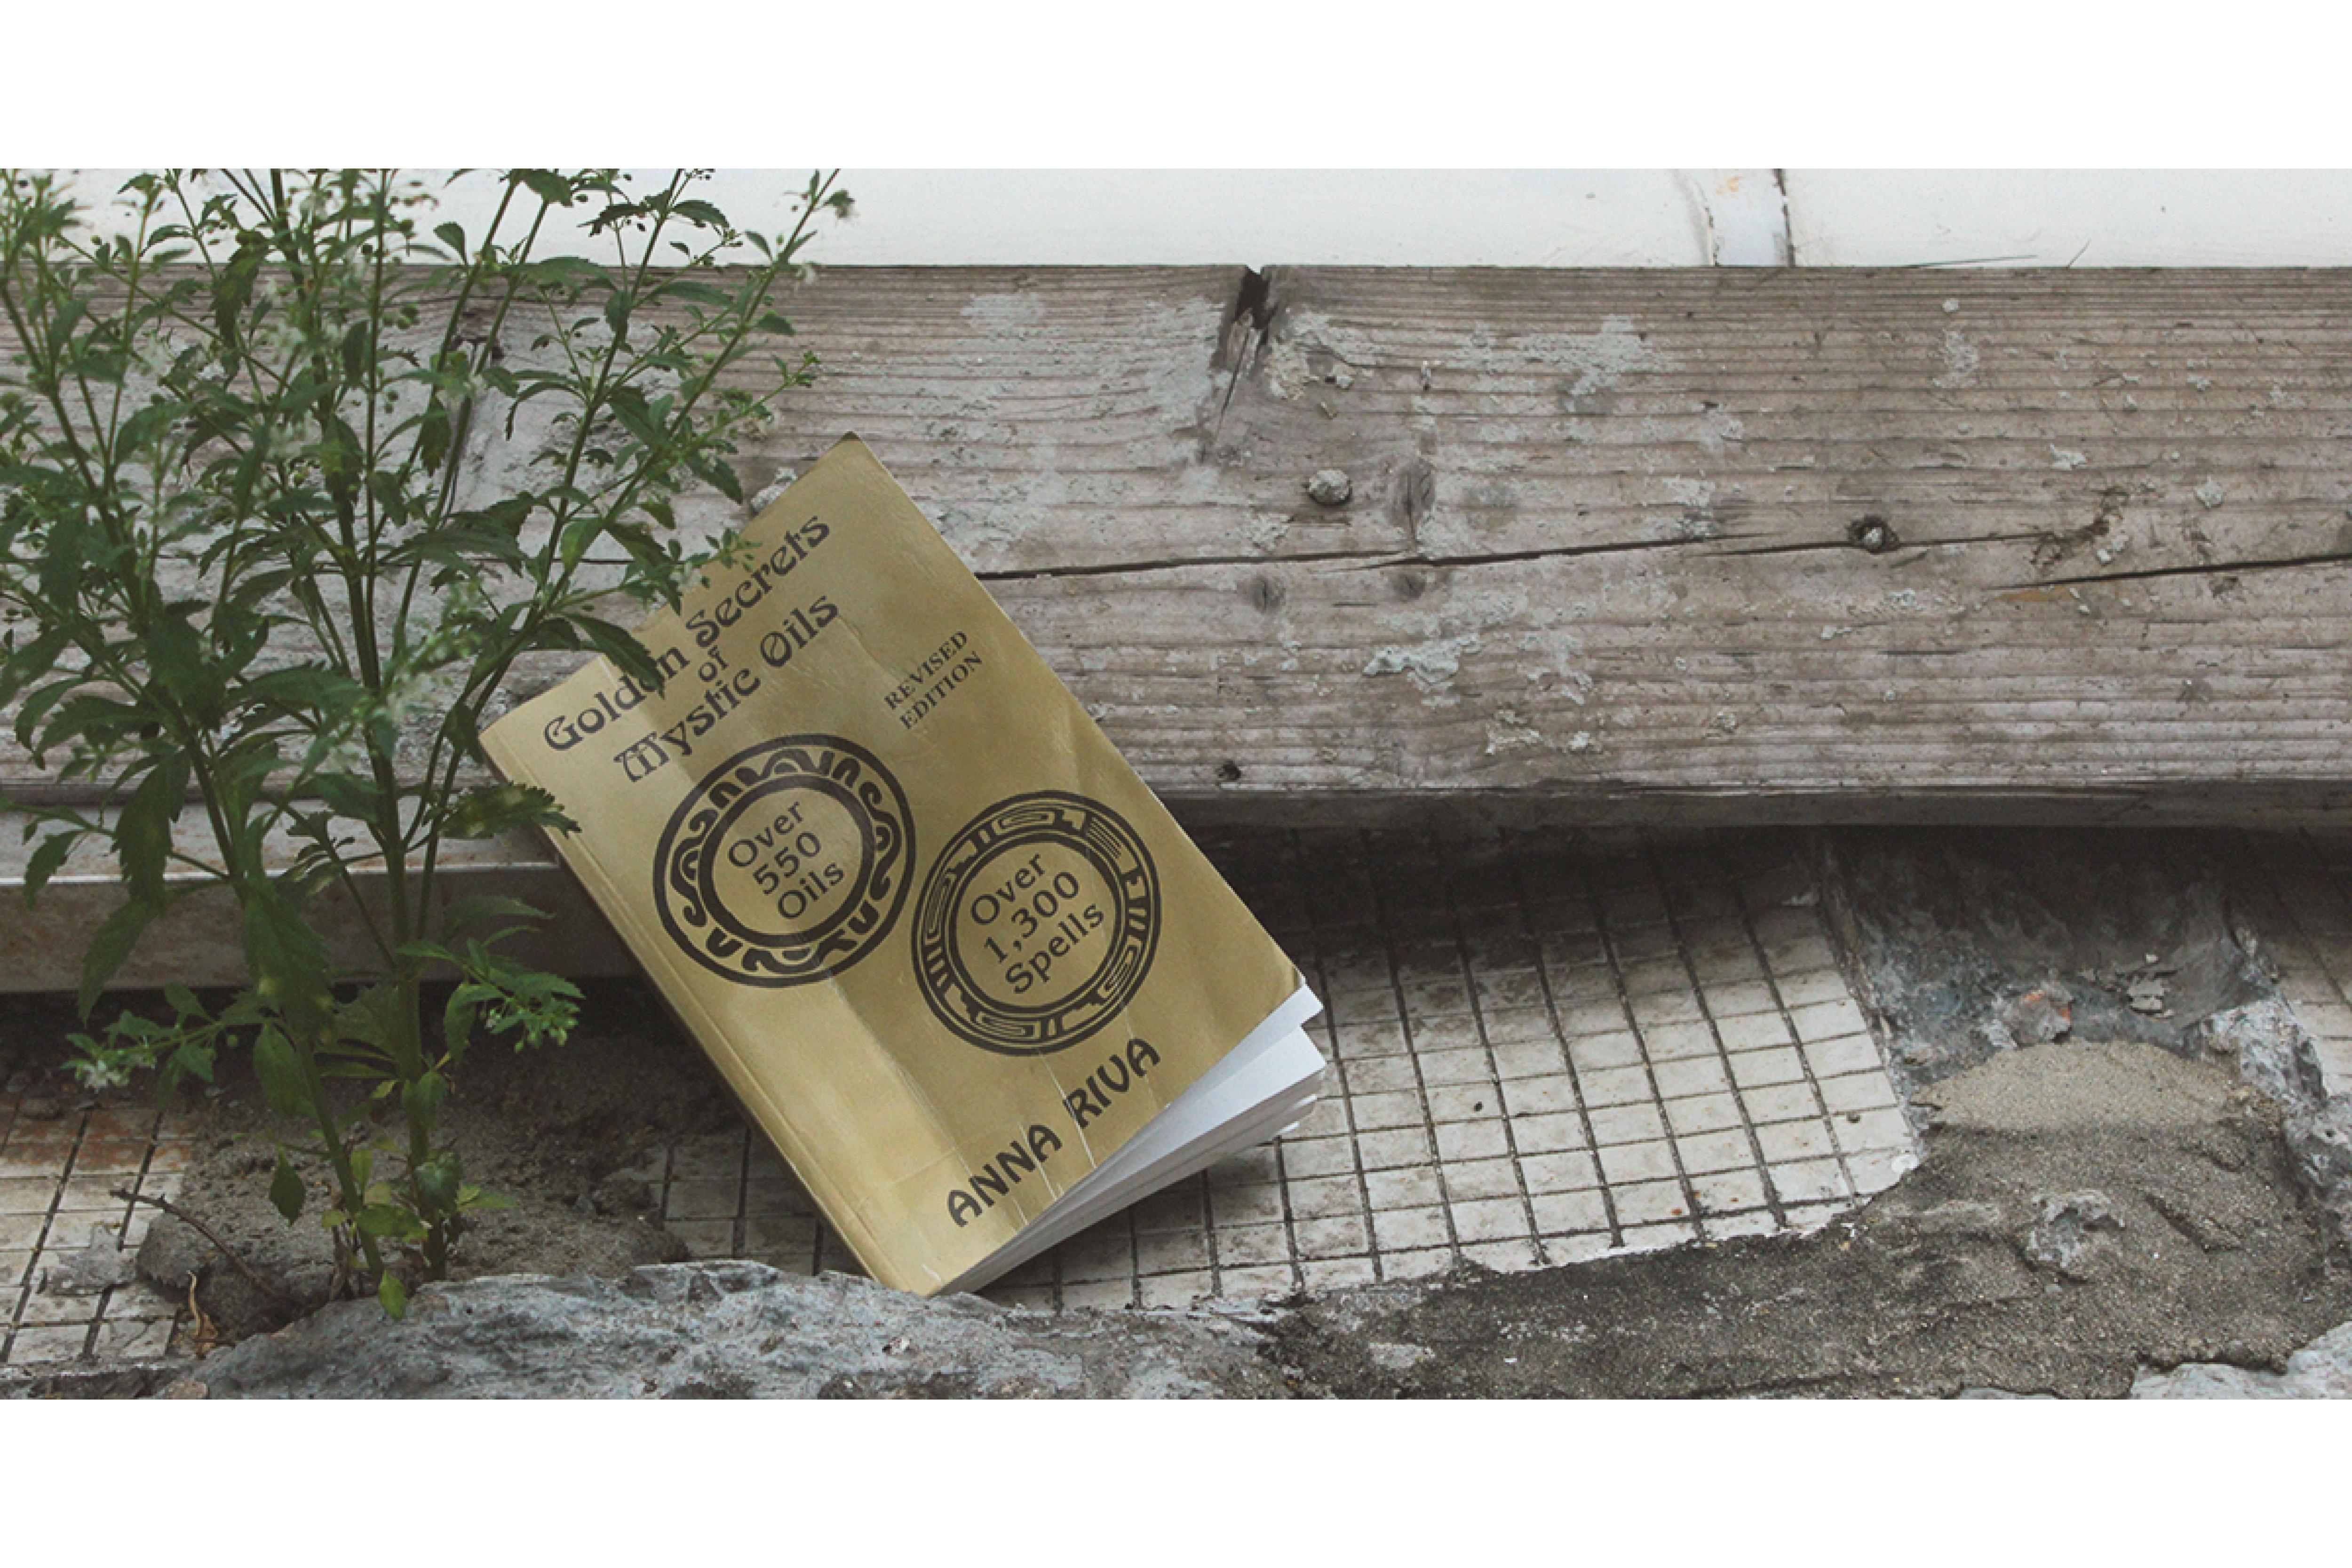 安娜・莉法撰寫的胡毒巫術書籍《 魔法油的黃金奧秘:超過三百種配方和一千個咒語》(Golden Secrets of Mystic Oils)